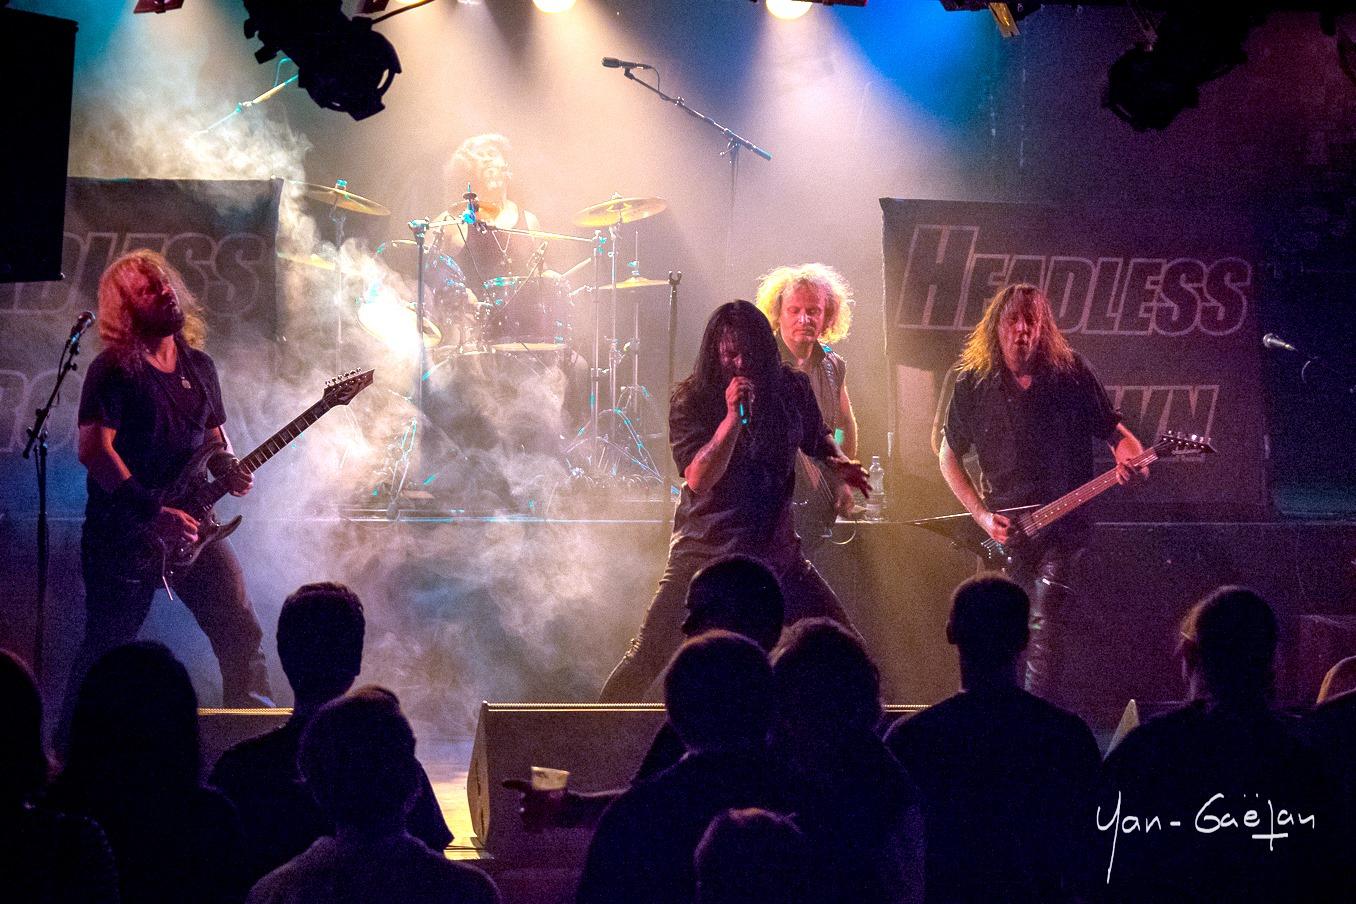 Headless Crown - Metal - Century